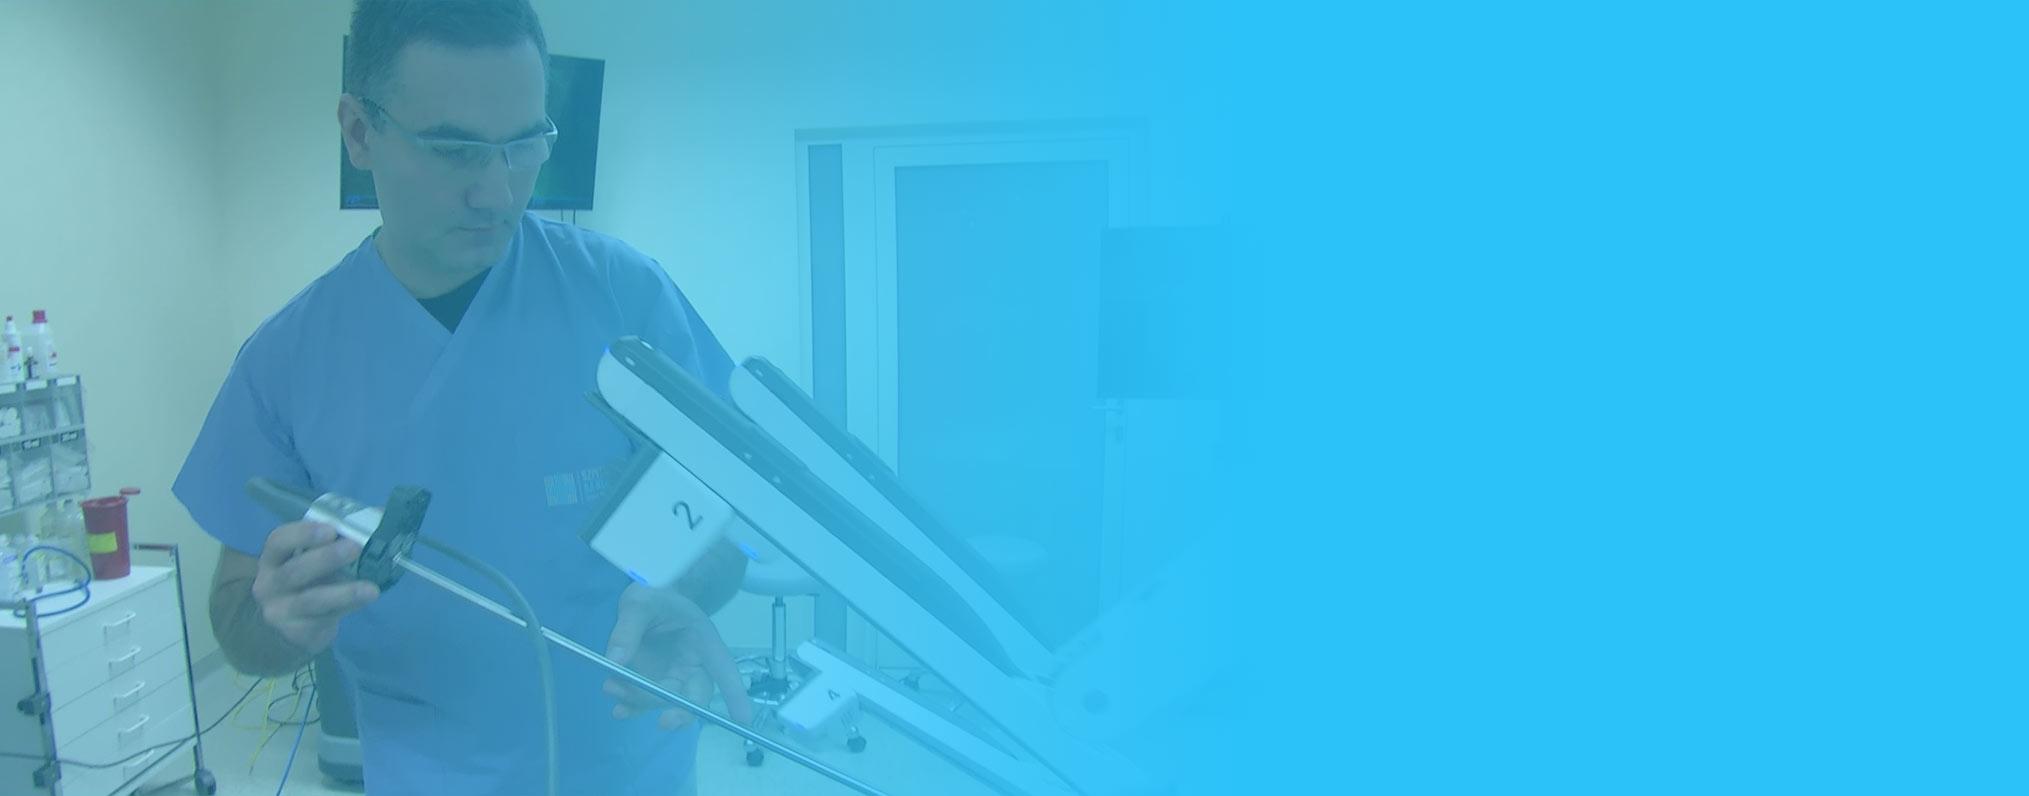 robot da vinci operuje film z udziałem dr pawła wisza oraz dr pawła szymanowskiego zrealizowany przez serwis pionier_pl